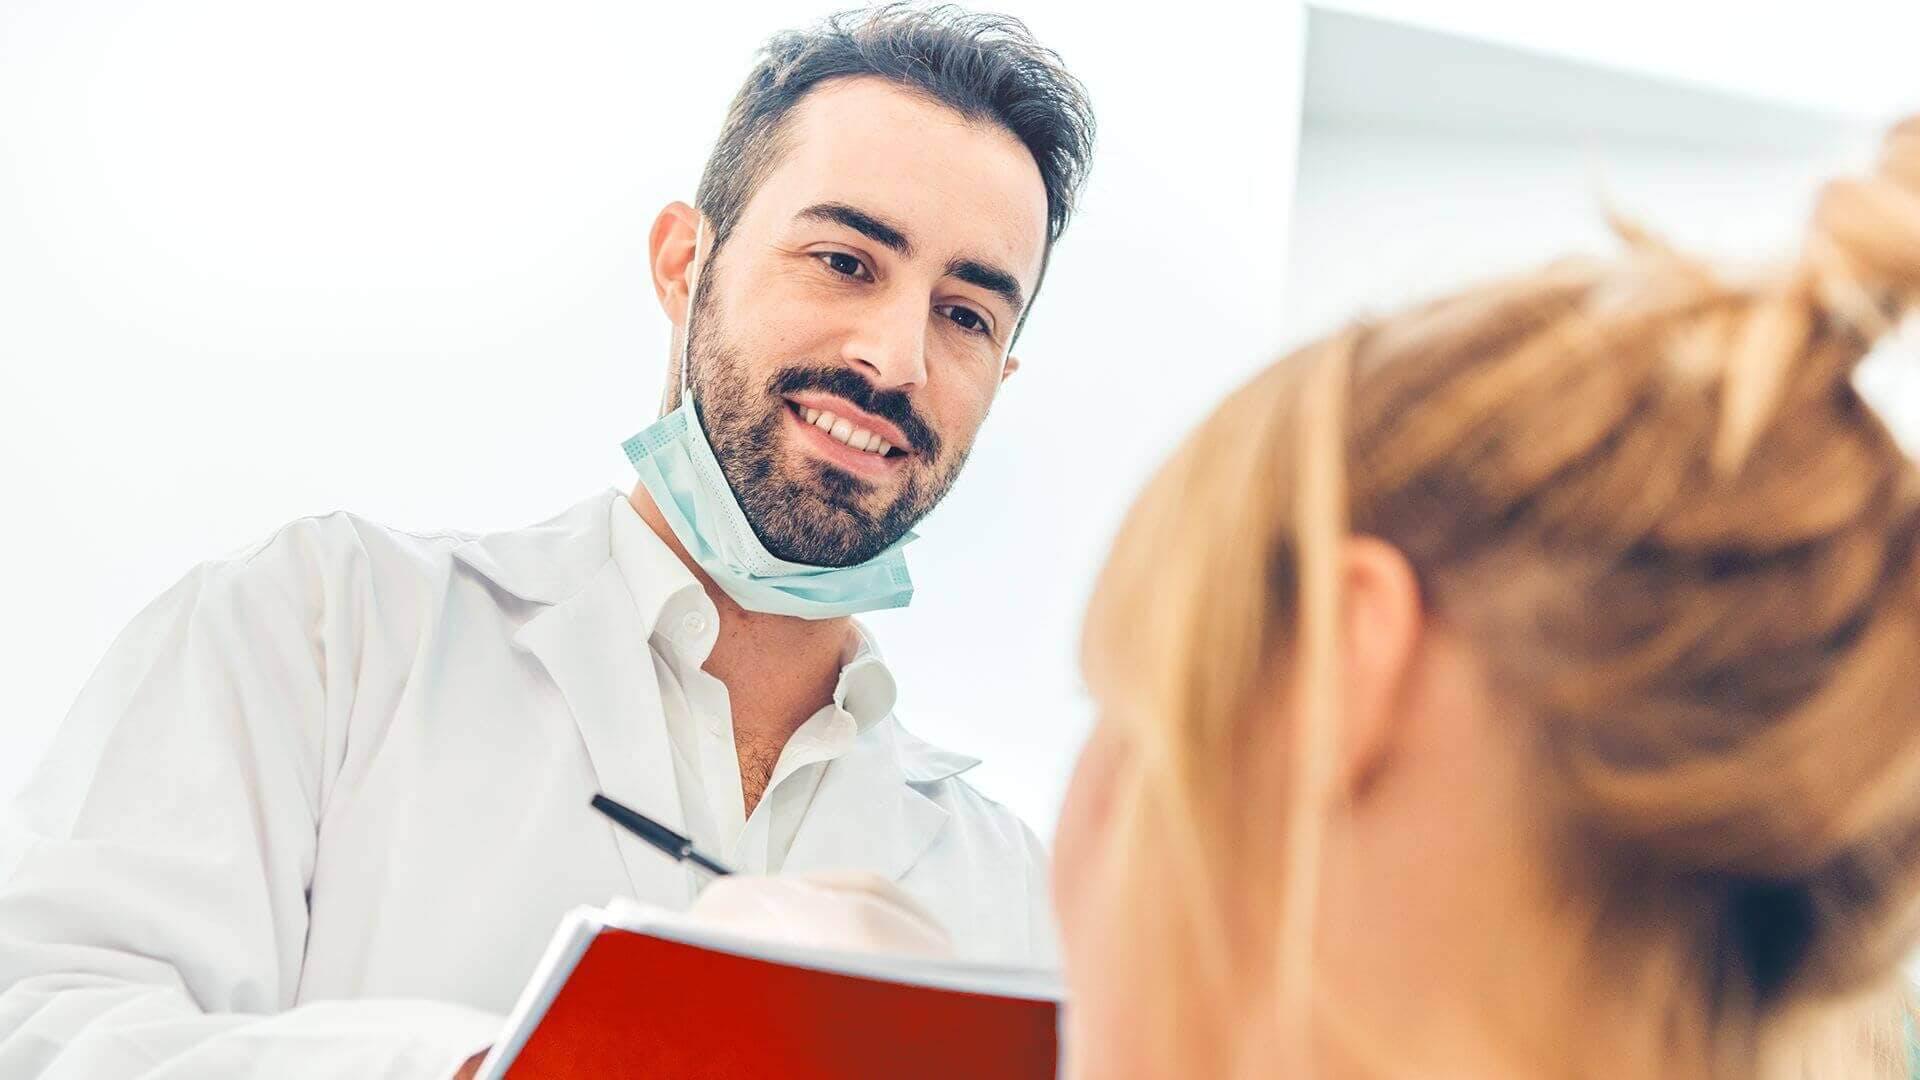 Dental hygiene tips from dentist